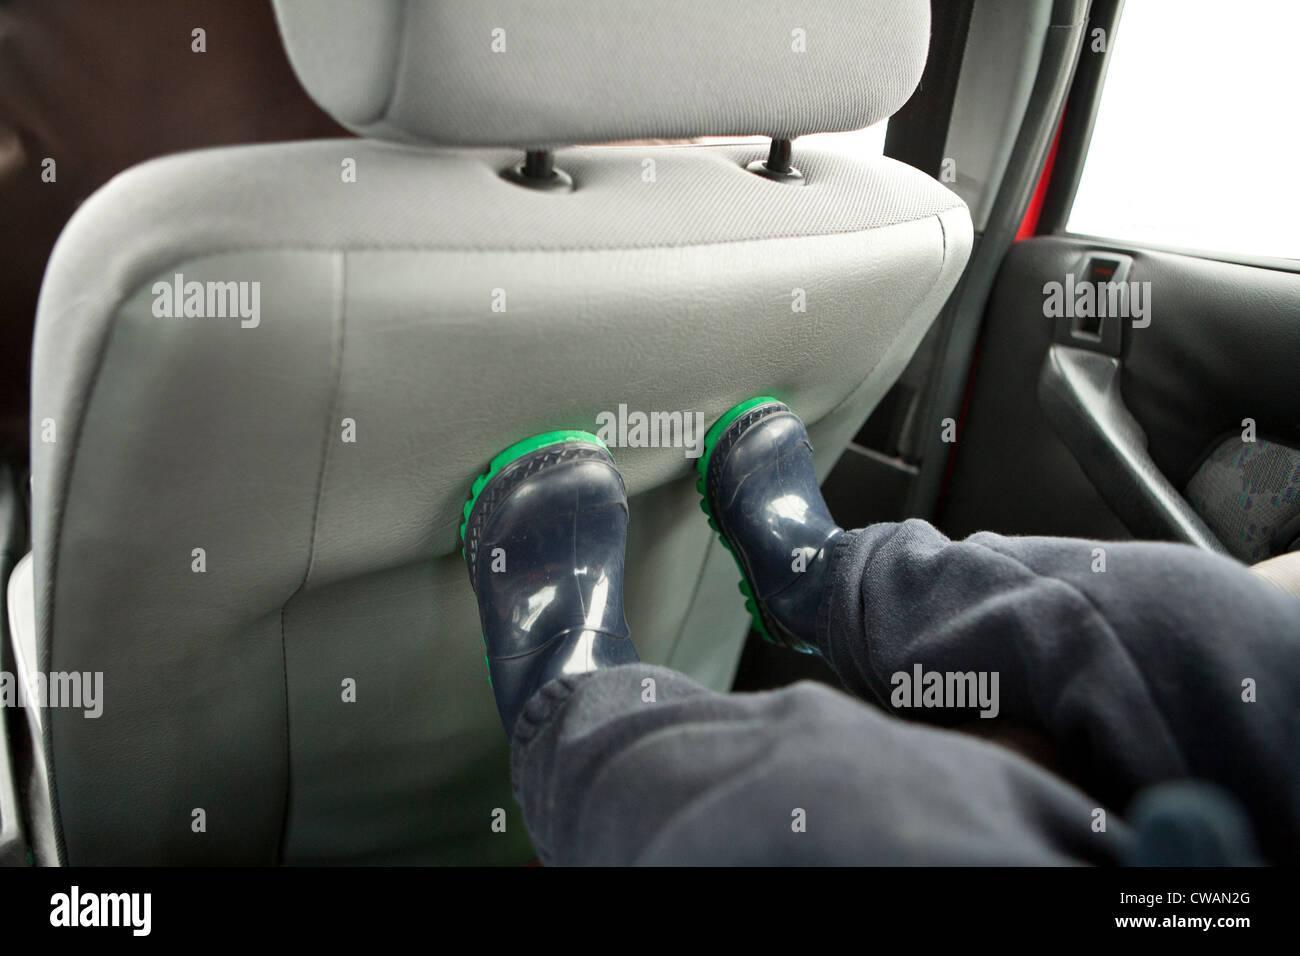 Childs Füße auf der Rückseite des Kindersitzes Stockbild